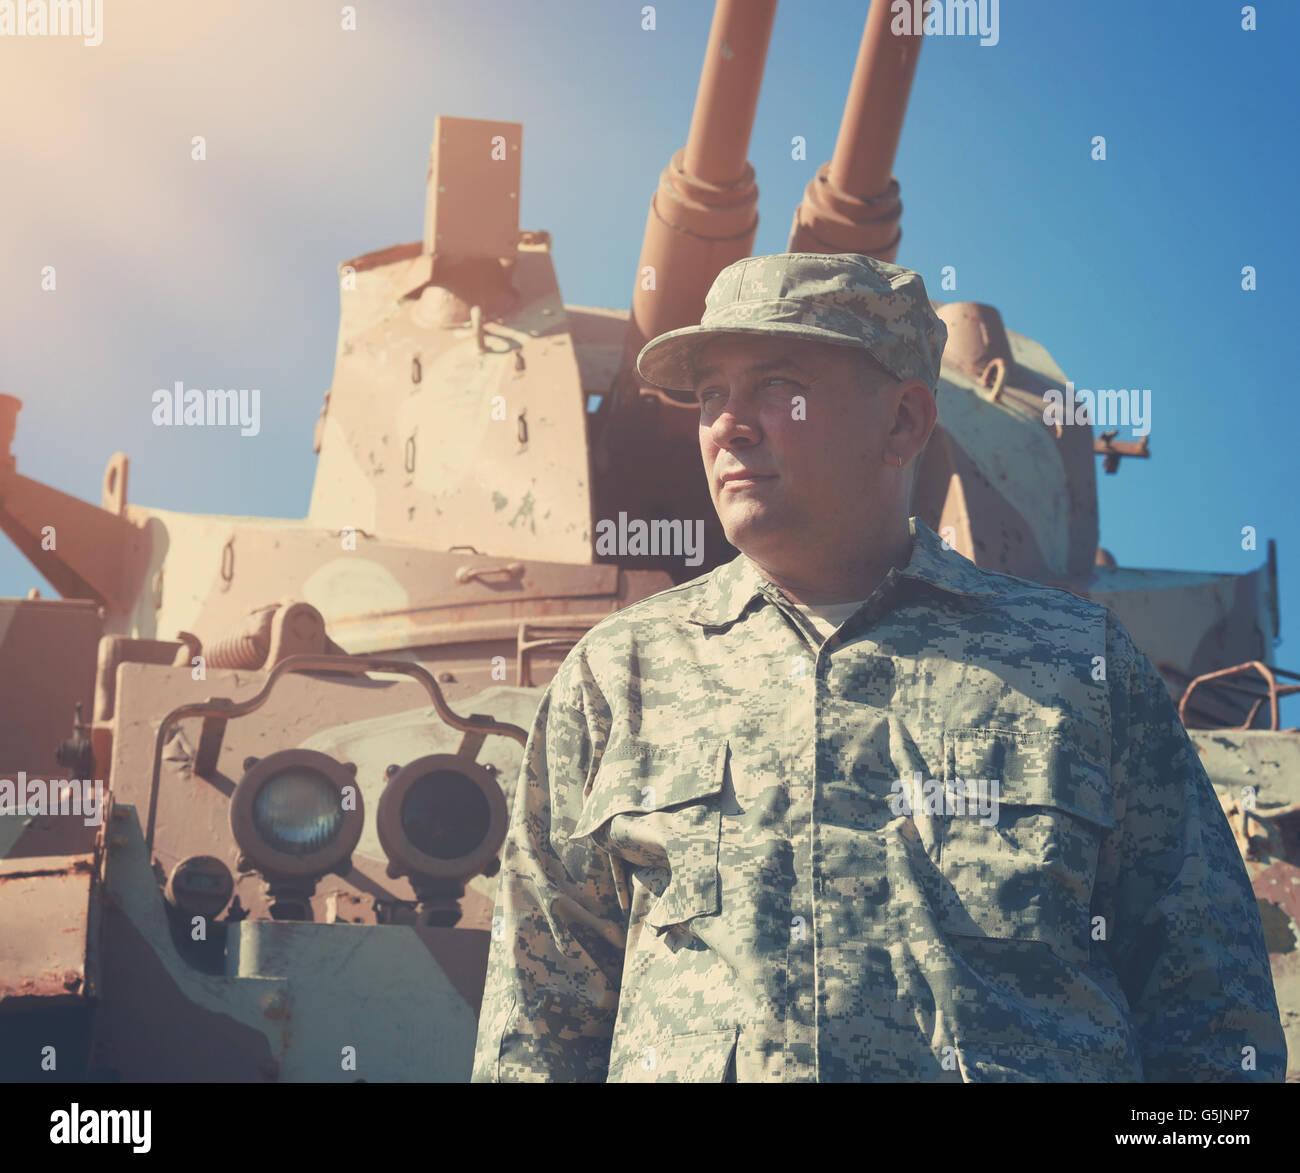 Un soldat militaire est debout devant un véhicule de chars de l'armée avec l'extérieur pour une guerre américaine, à la défense ou à la sécurité de droit Banque D'Images